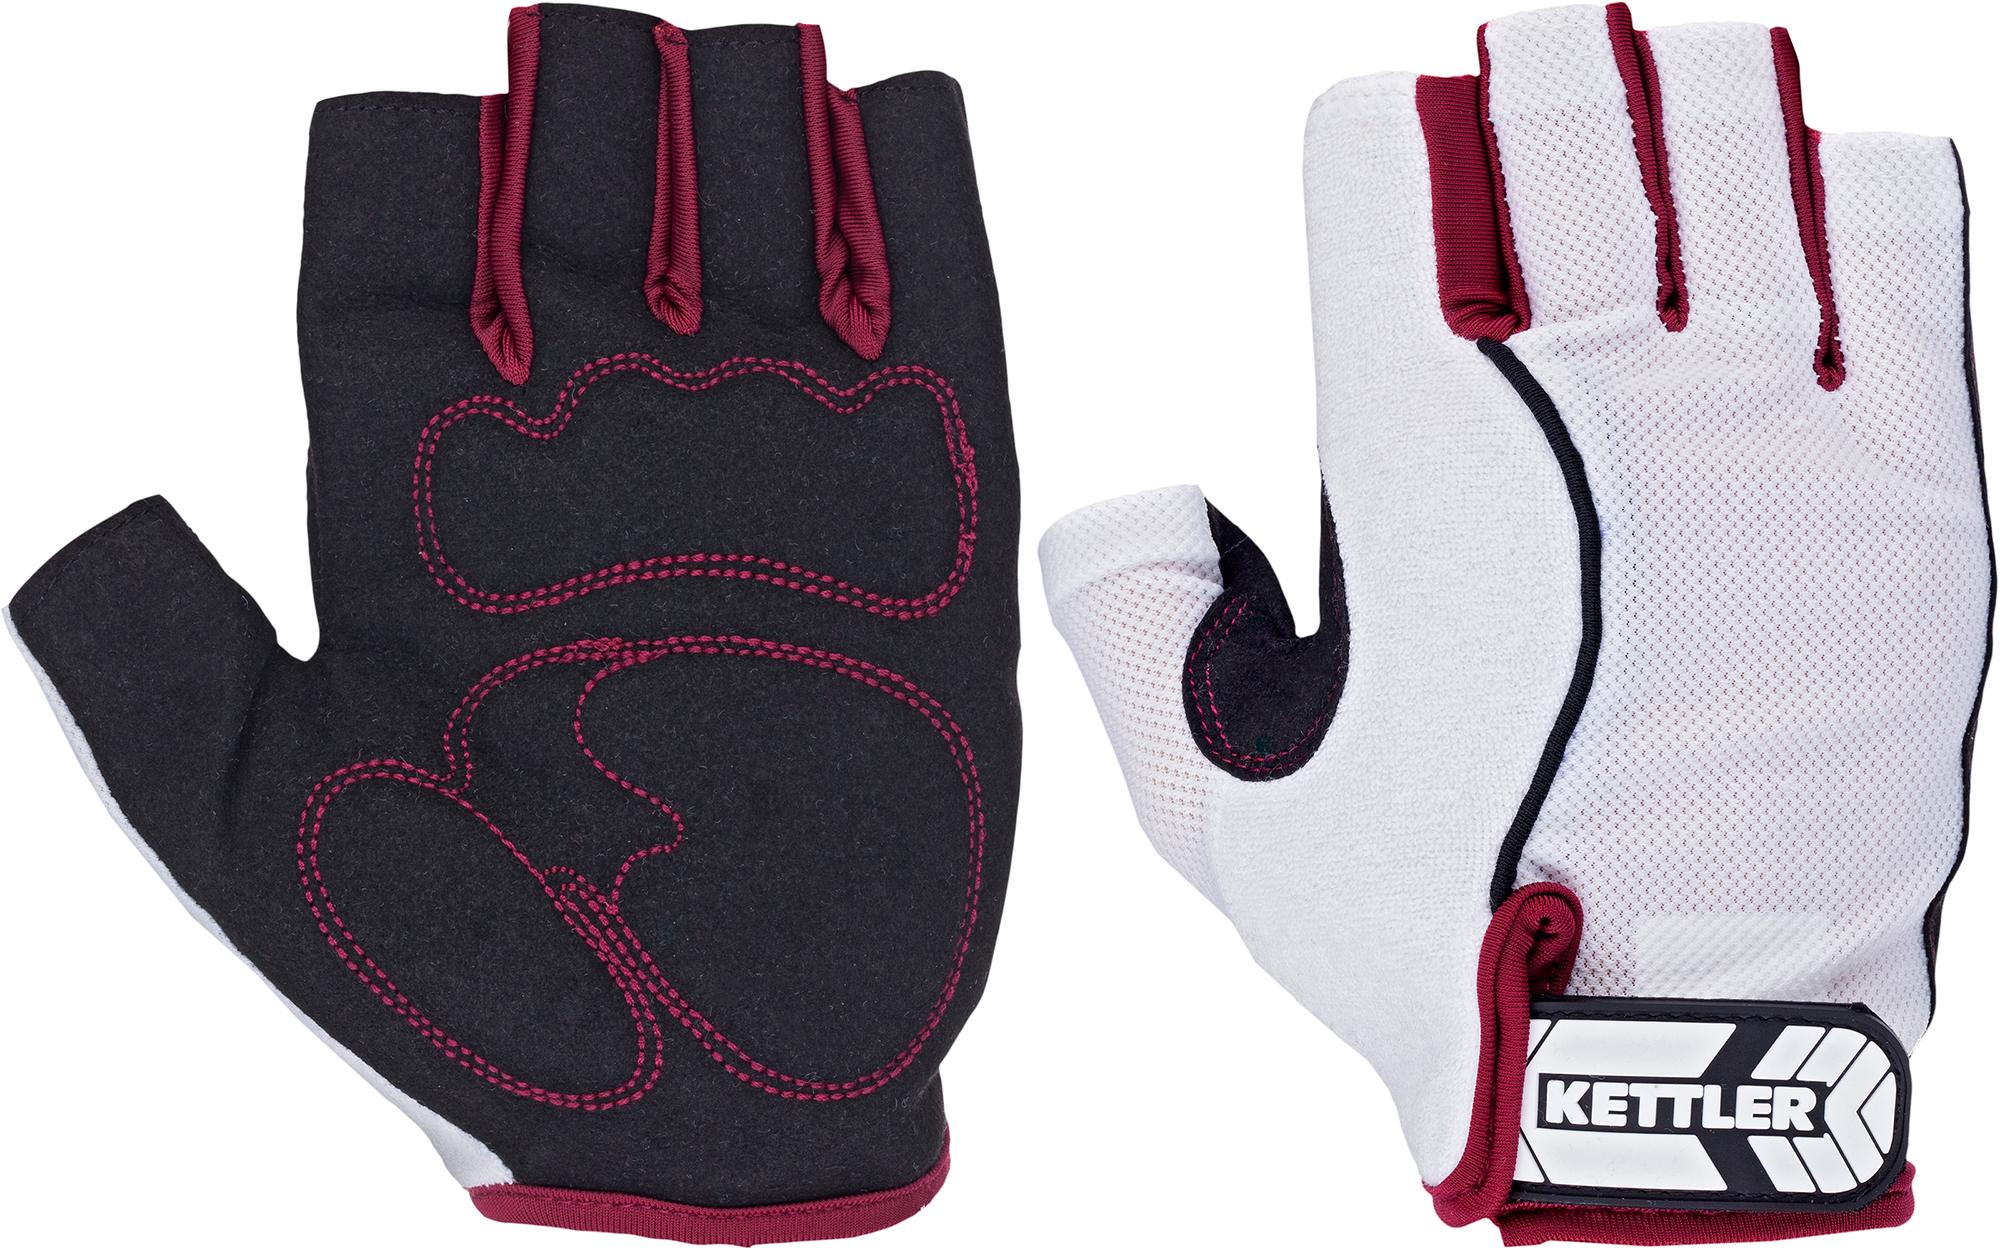 Kettler Перчатки для фитнеса женские Kettler Basic адидас кроссовки для фитнеса женские